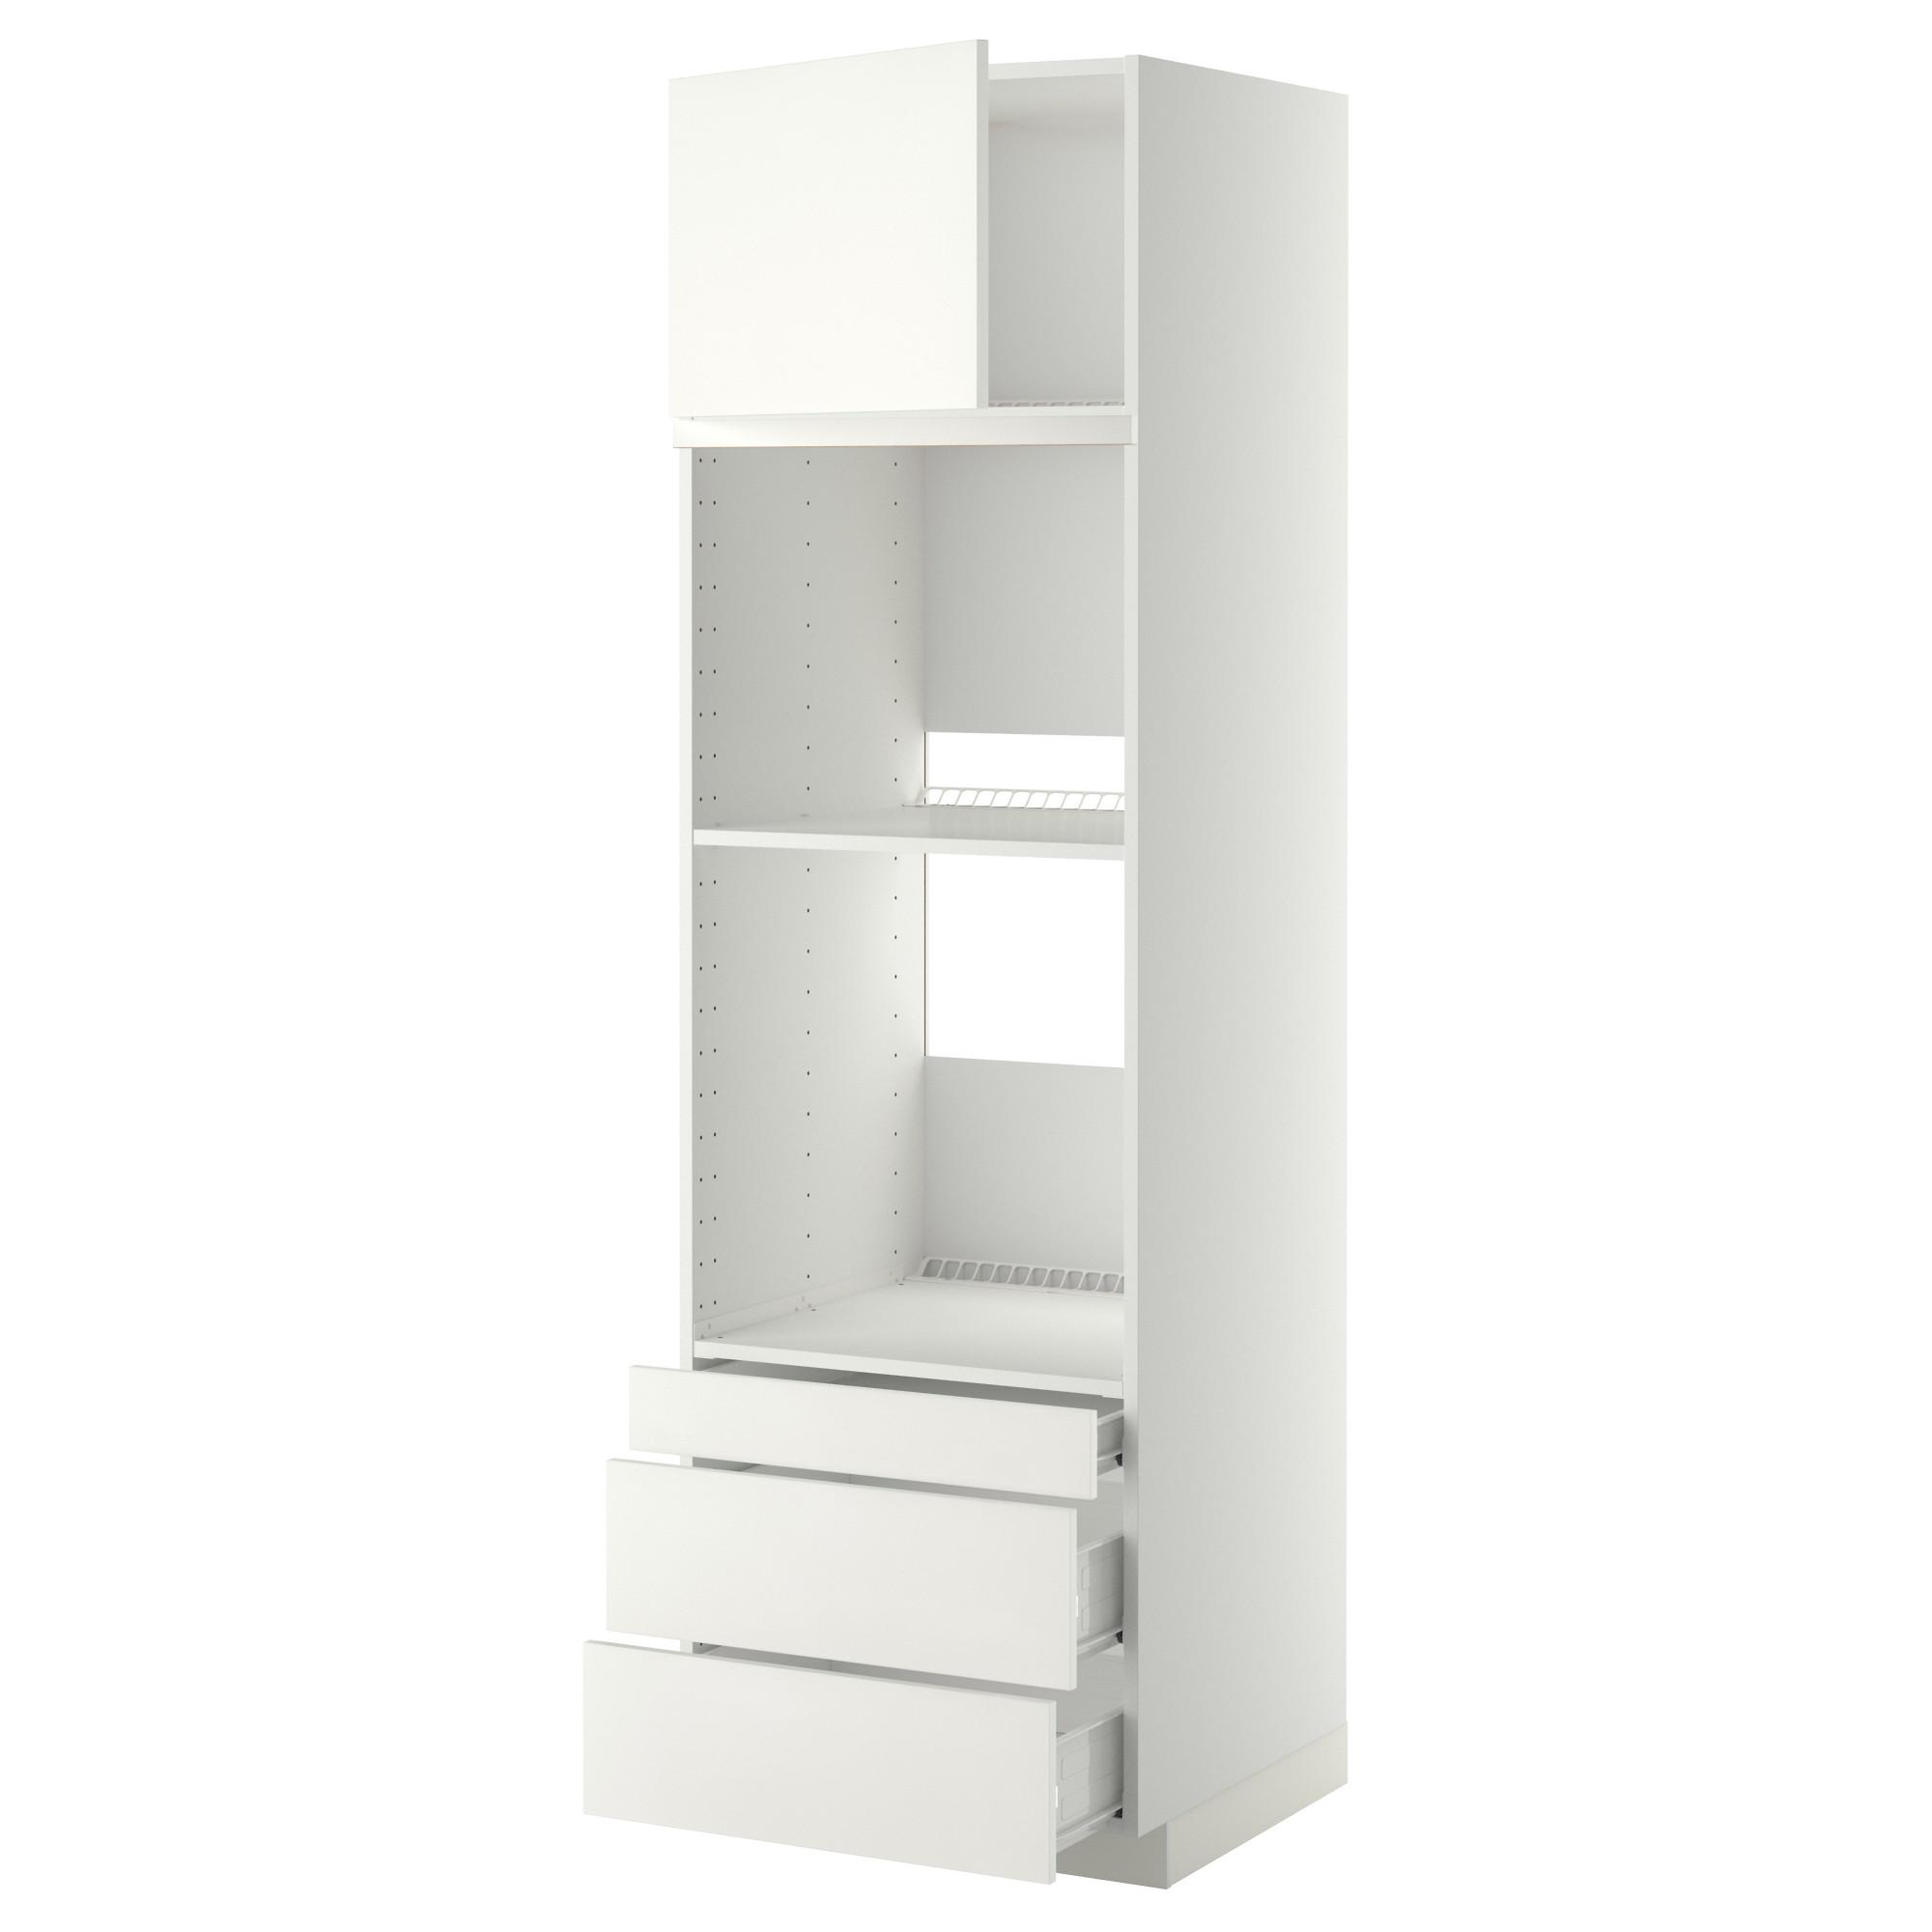 Высокий шкаф для духовки комбинированный, духовка + дверца, 3 ящика МЕТОД / ФОРВАРА белый артикуль № 692.621.22 в наличии. Онлайн магазин IKEA Республика Беларусь. Недорогая доставка и установка.